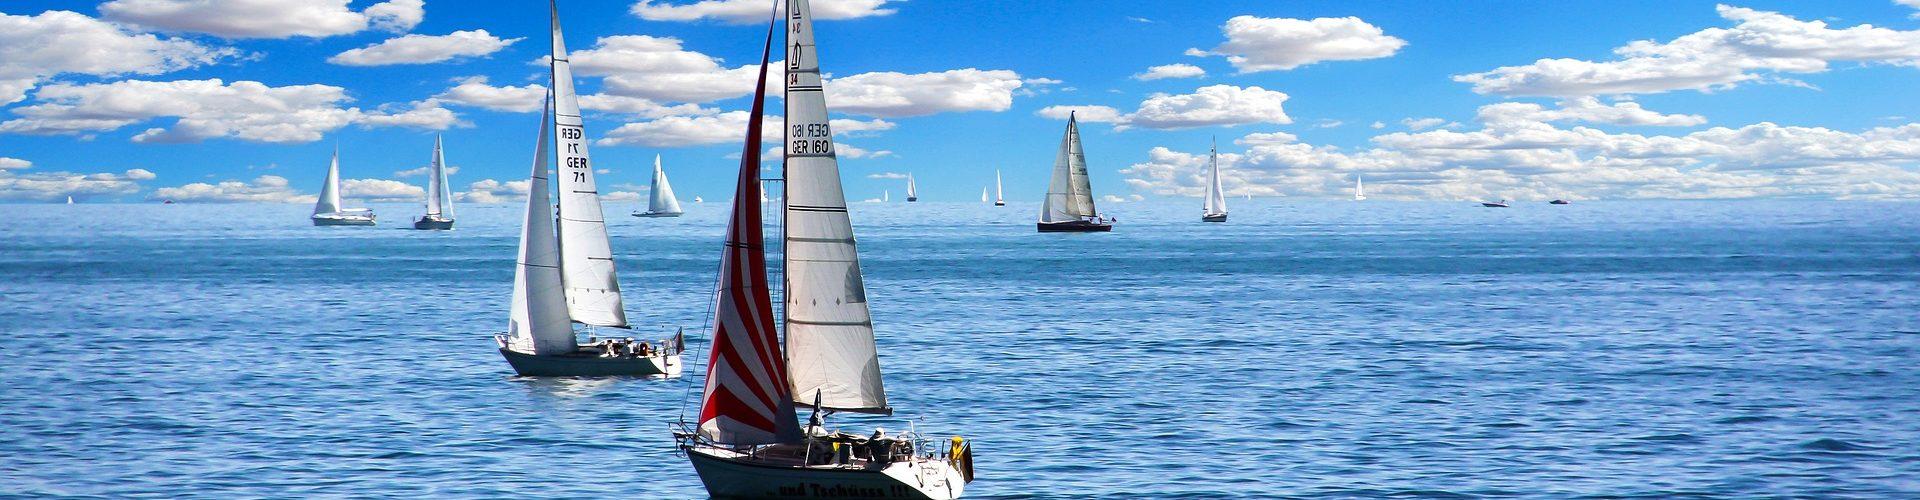 segeln lernen in Cuxhaven segelschein machen in Cuxhaven 1920x500 - Segeln lernen in Cuxhaven